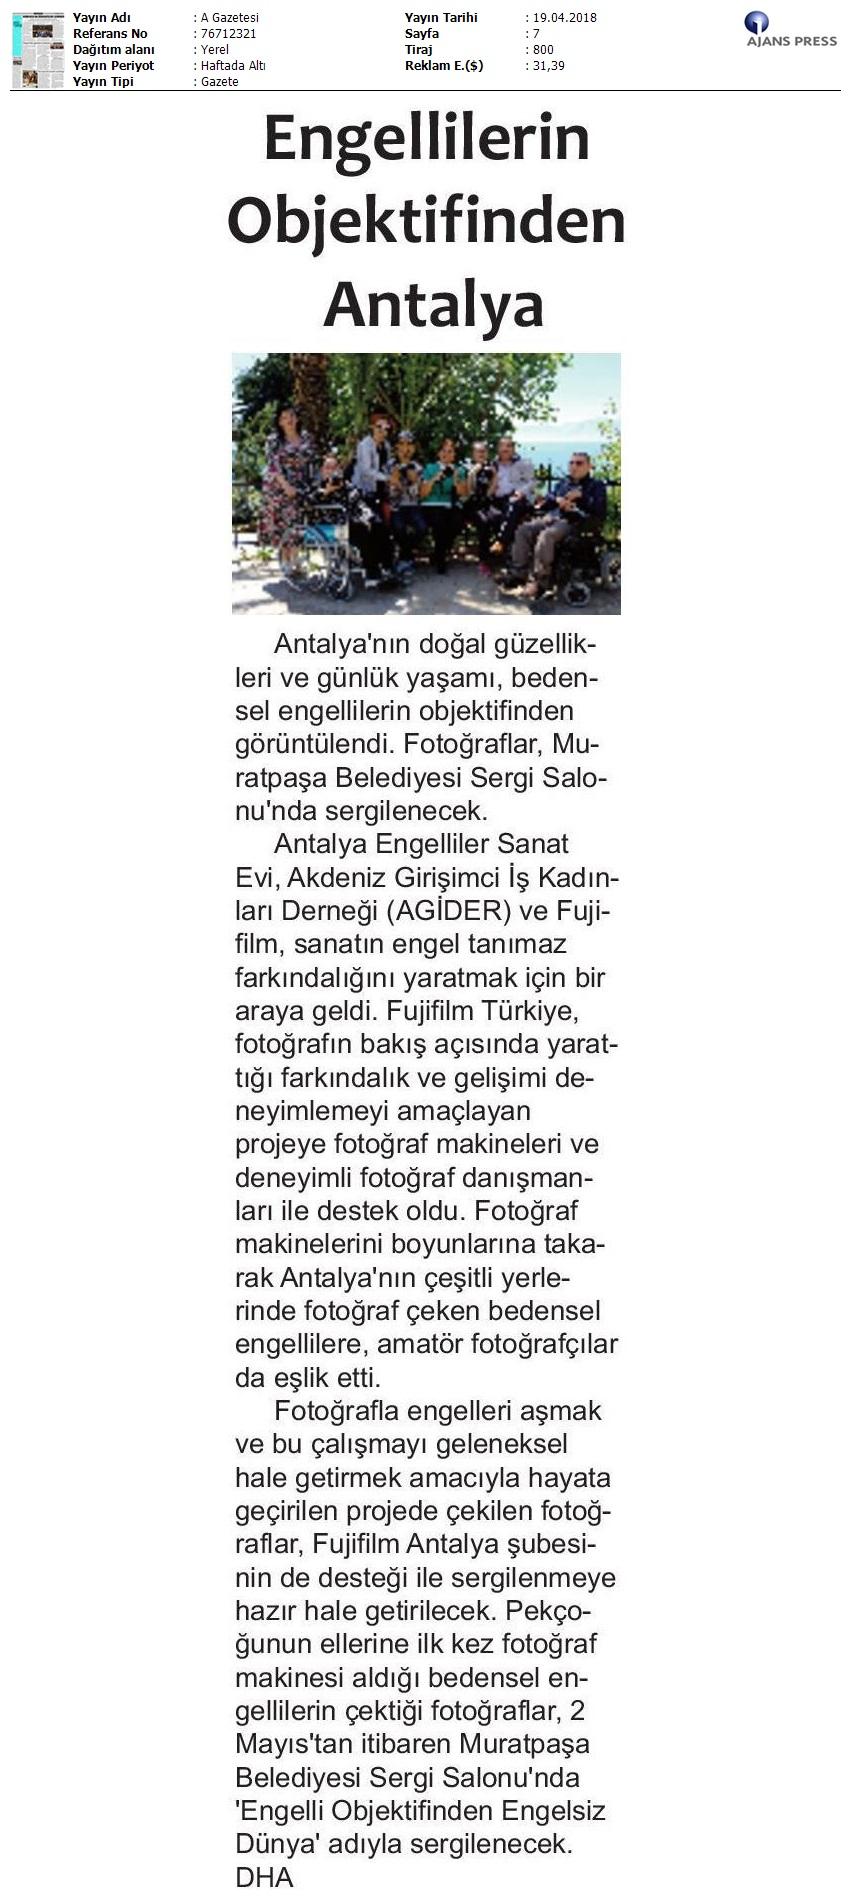 A Gazetesi